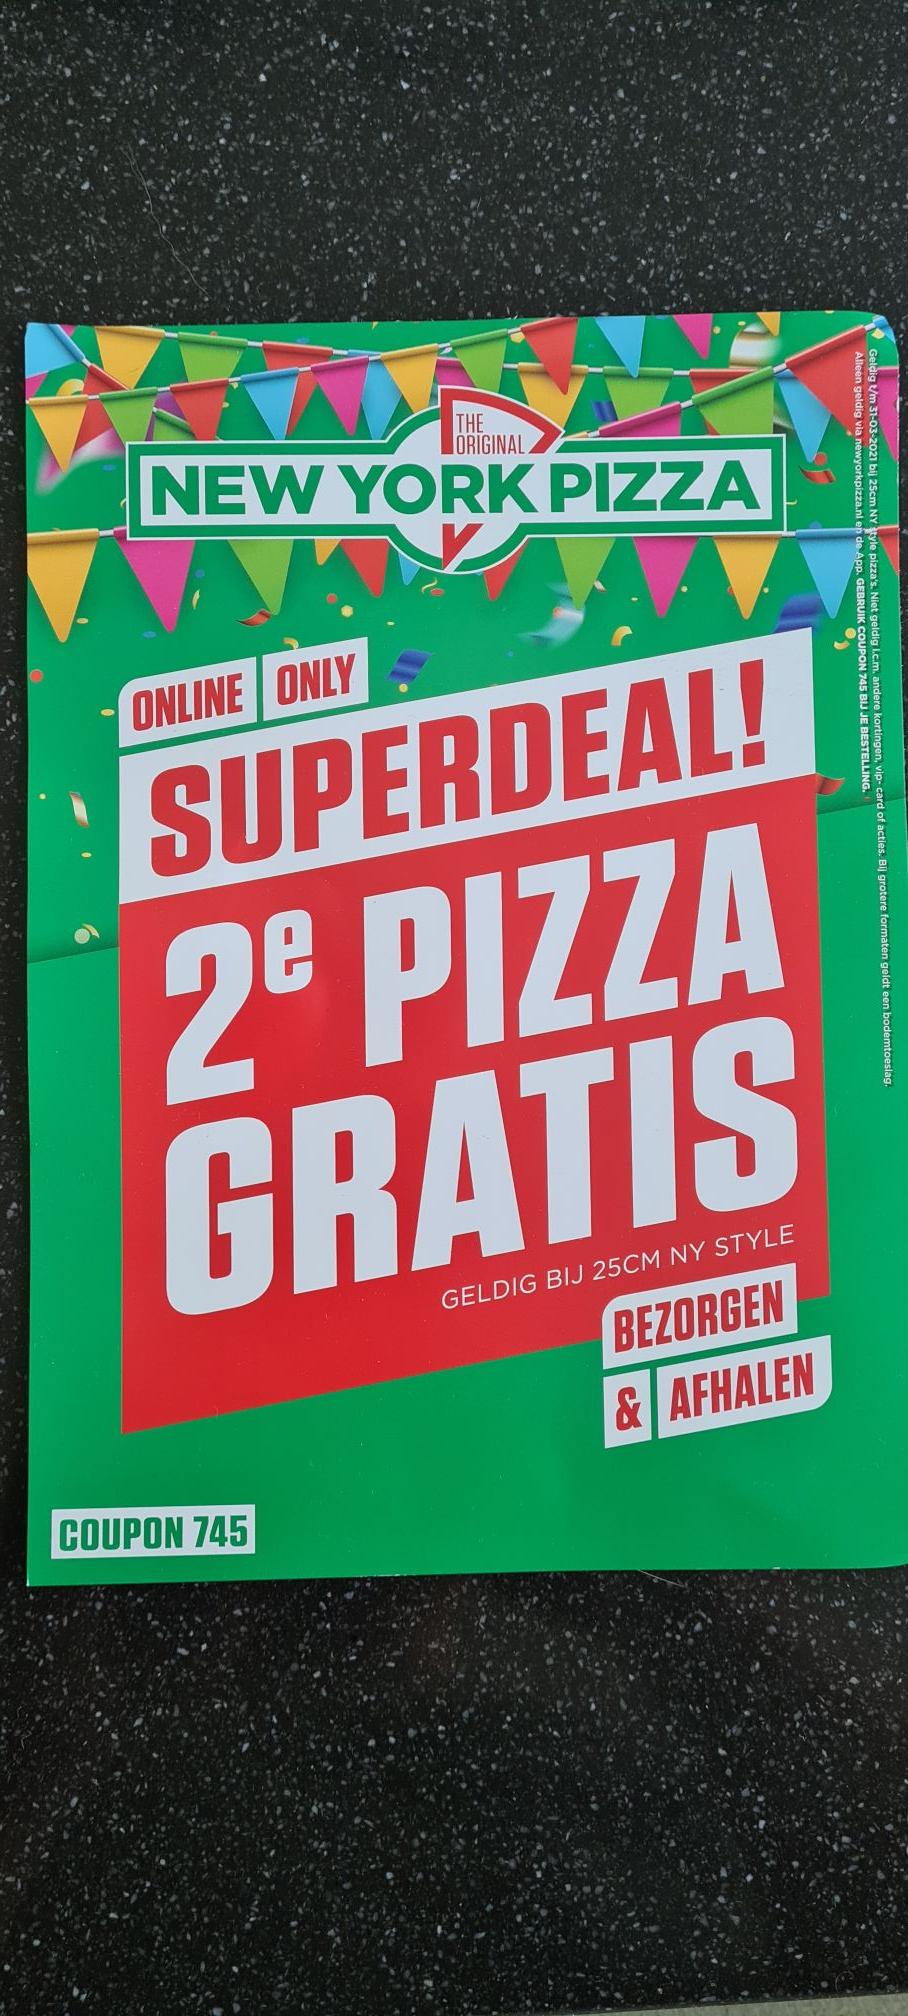 NewYorkPizza 2e pizza gratis bezorgen & afhalen (online of via de app bestellen)